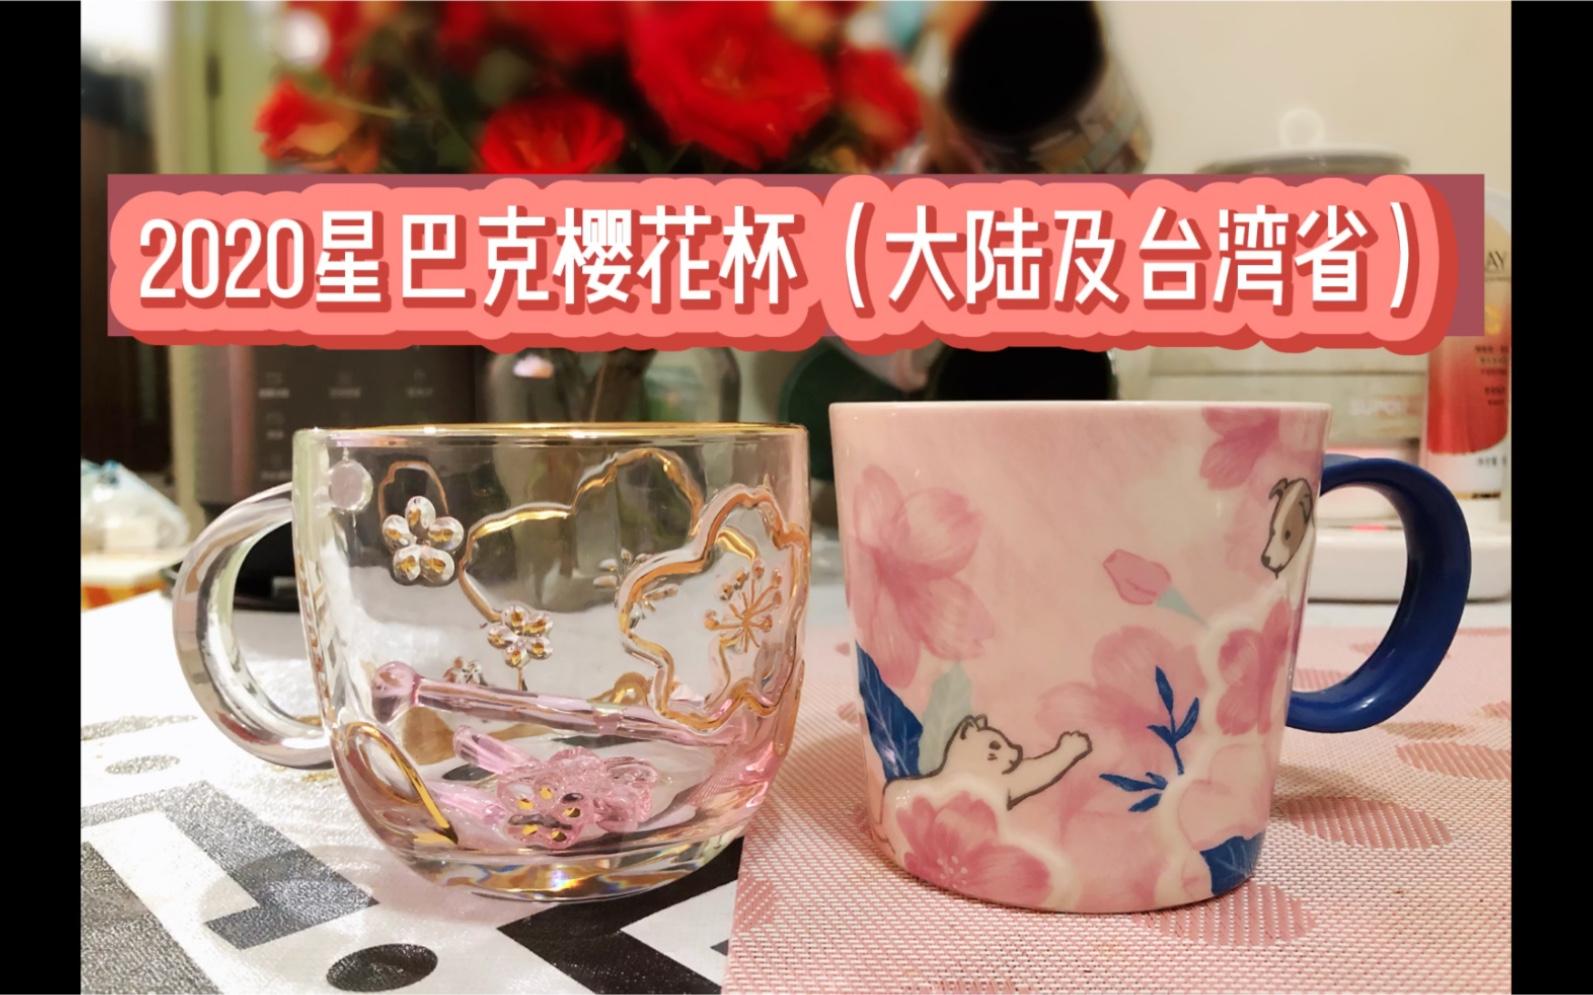 星巴克2020樱花杯开箱 大陆星巴克 台湾星巴克 透明玻璃杯 樱花季 马克杯有彩蛋 真 人间惨案 是的我又双又又又买杯子了o V O 哔哩哔哩